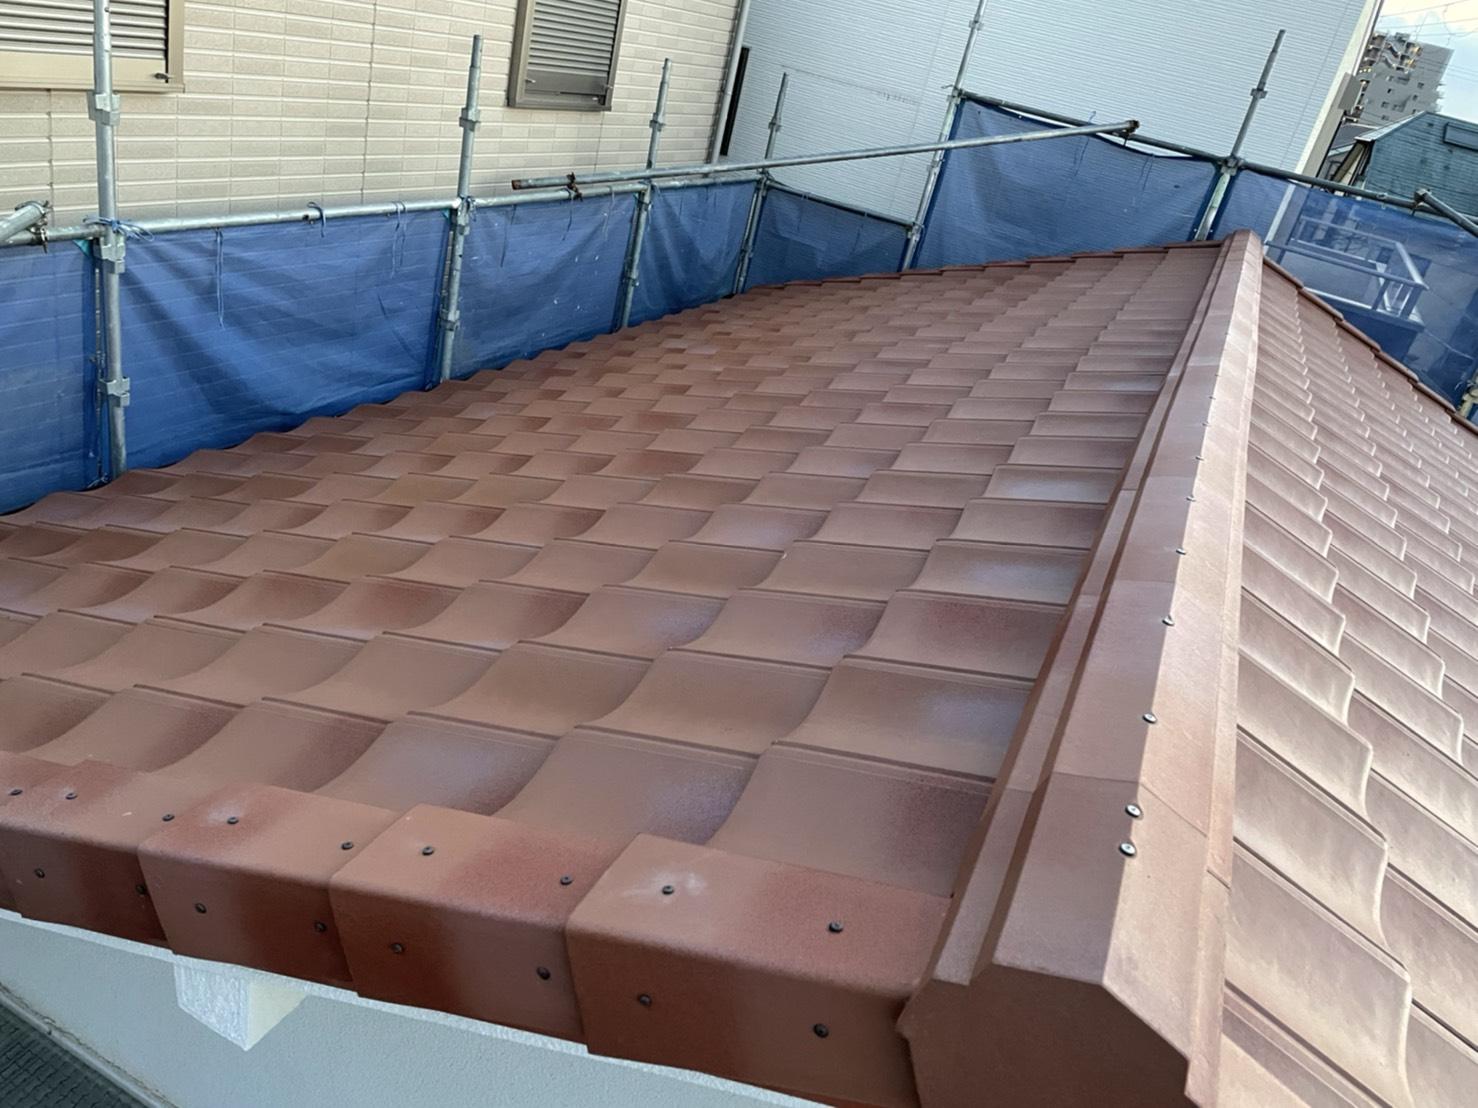 三木市で行った屋根葺き替え工事「通気工法」が完工した様子